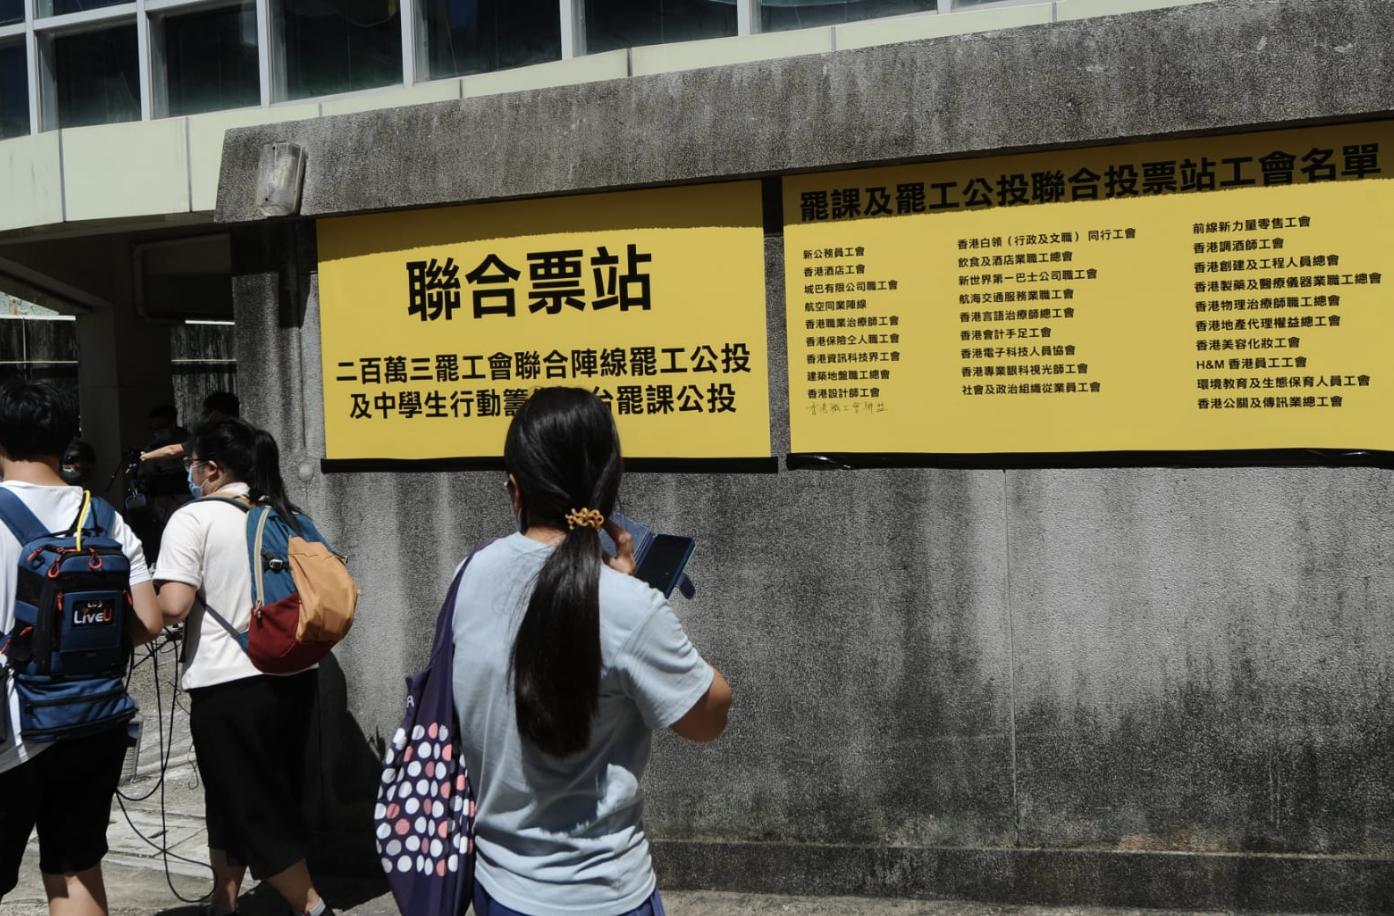 「二百萬三罷聯合陣線」及「中學生行動籌備平台」發起6.20公投,罷工罷課反「國安法」。(宋碧龍/大紀元)